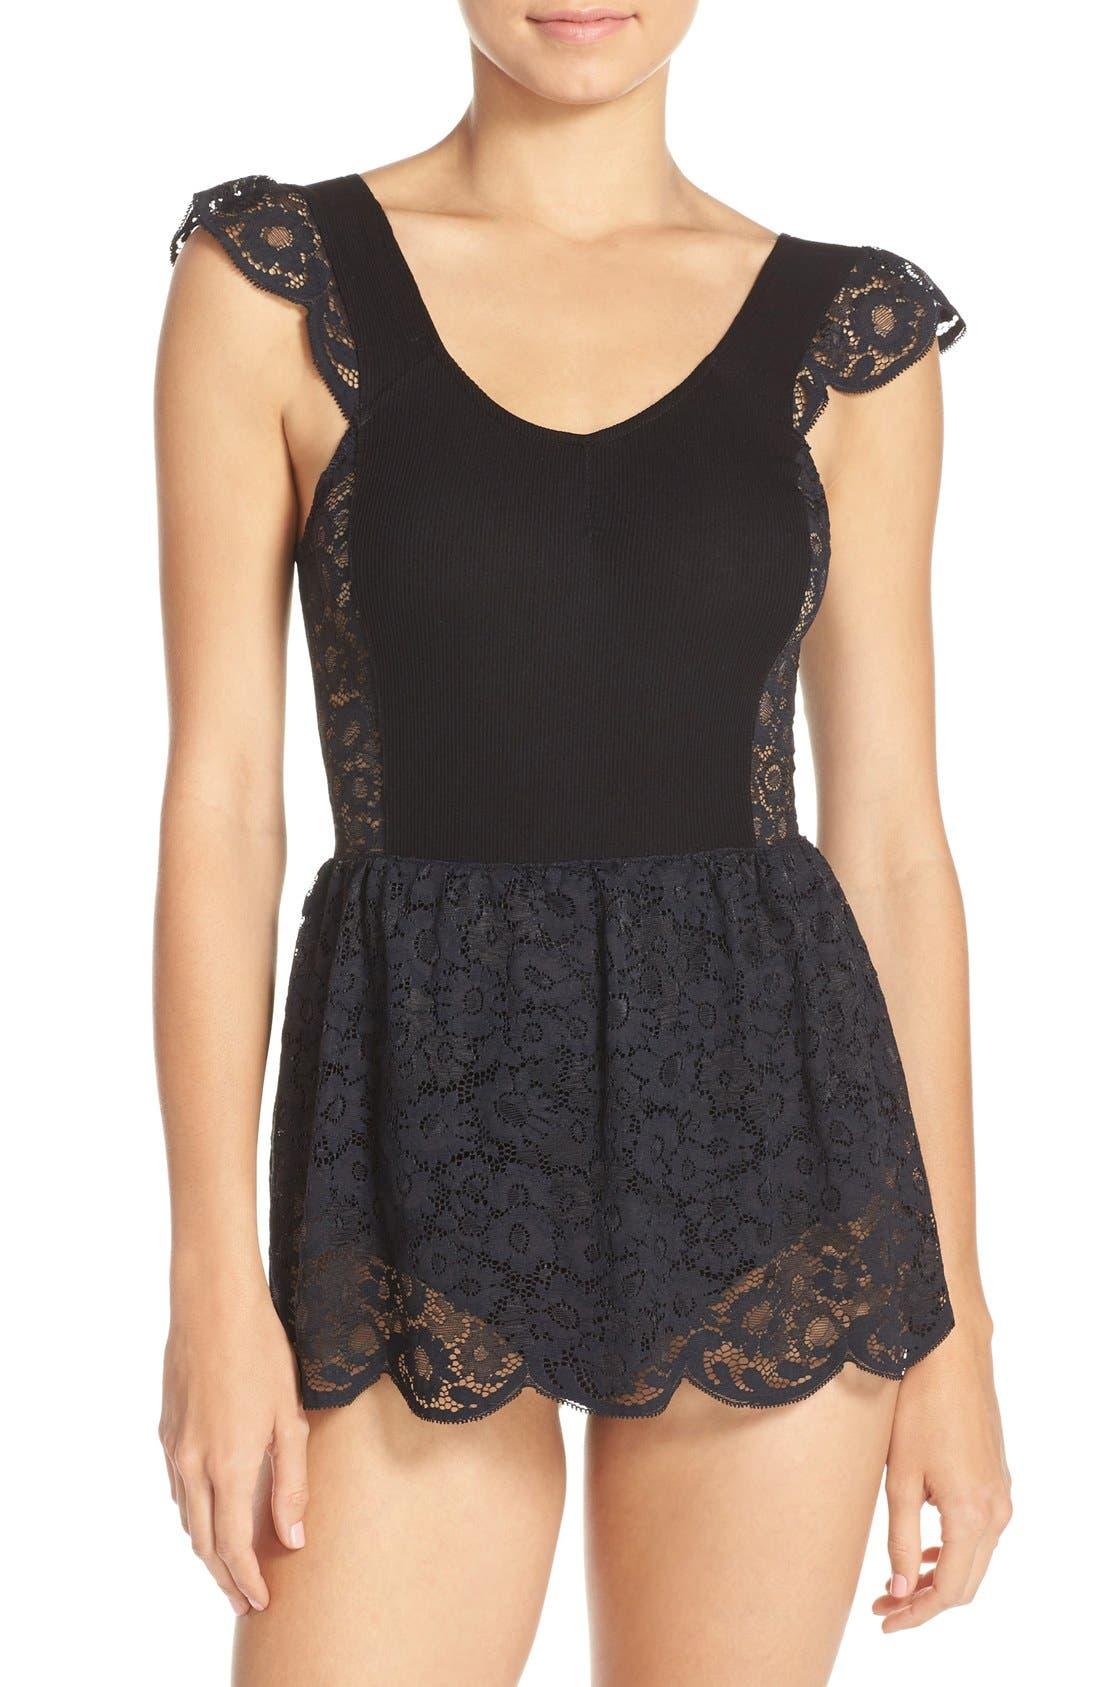 Main Image - For Love & Lemons 'Daisy' Lace Skirted Bodysuit